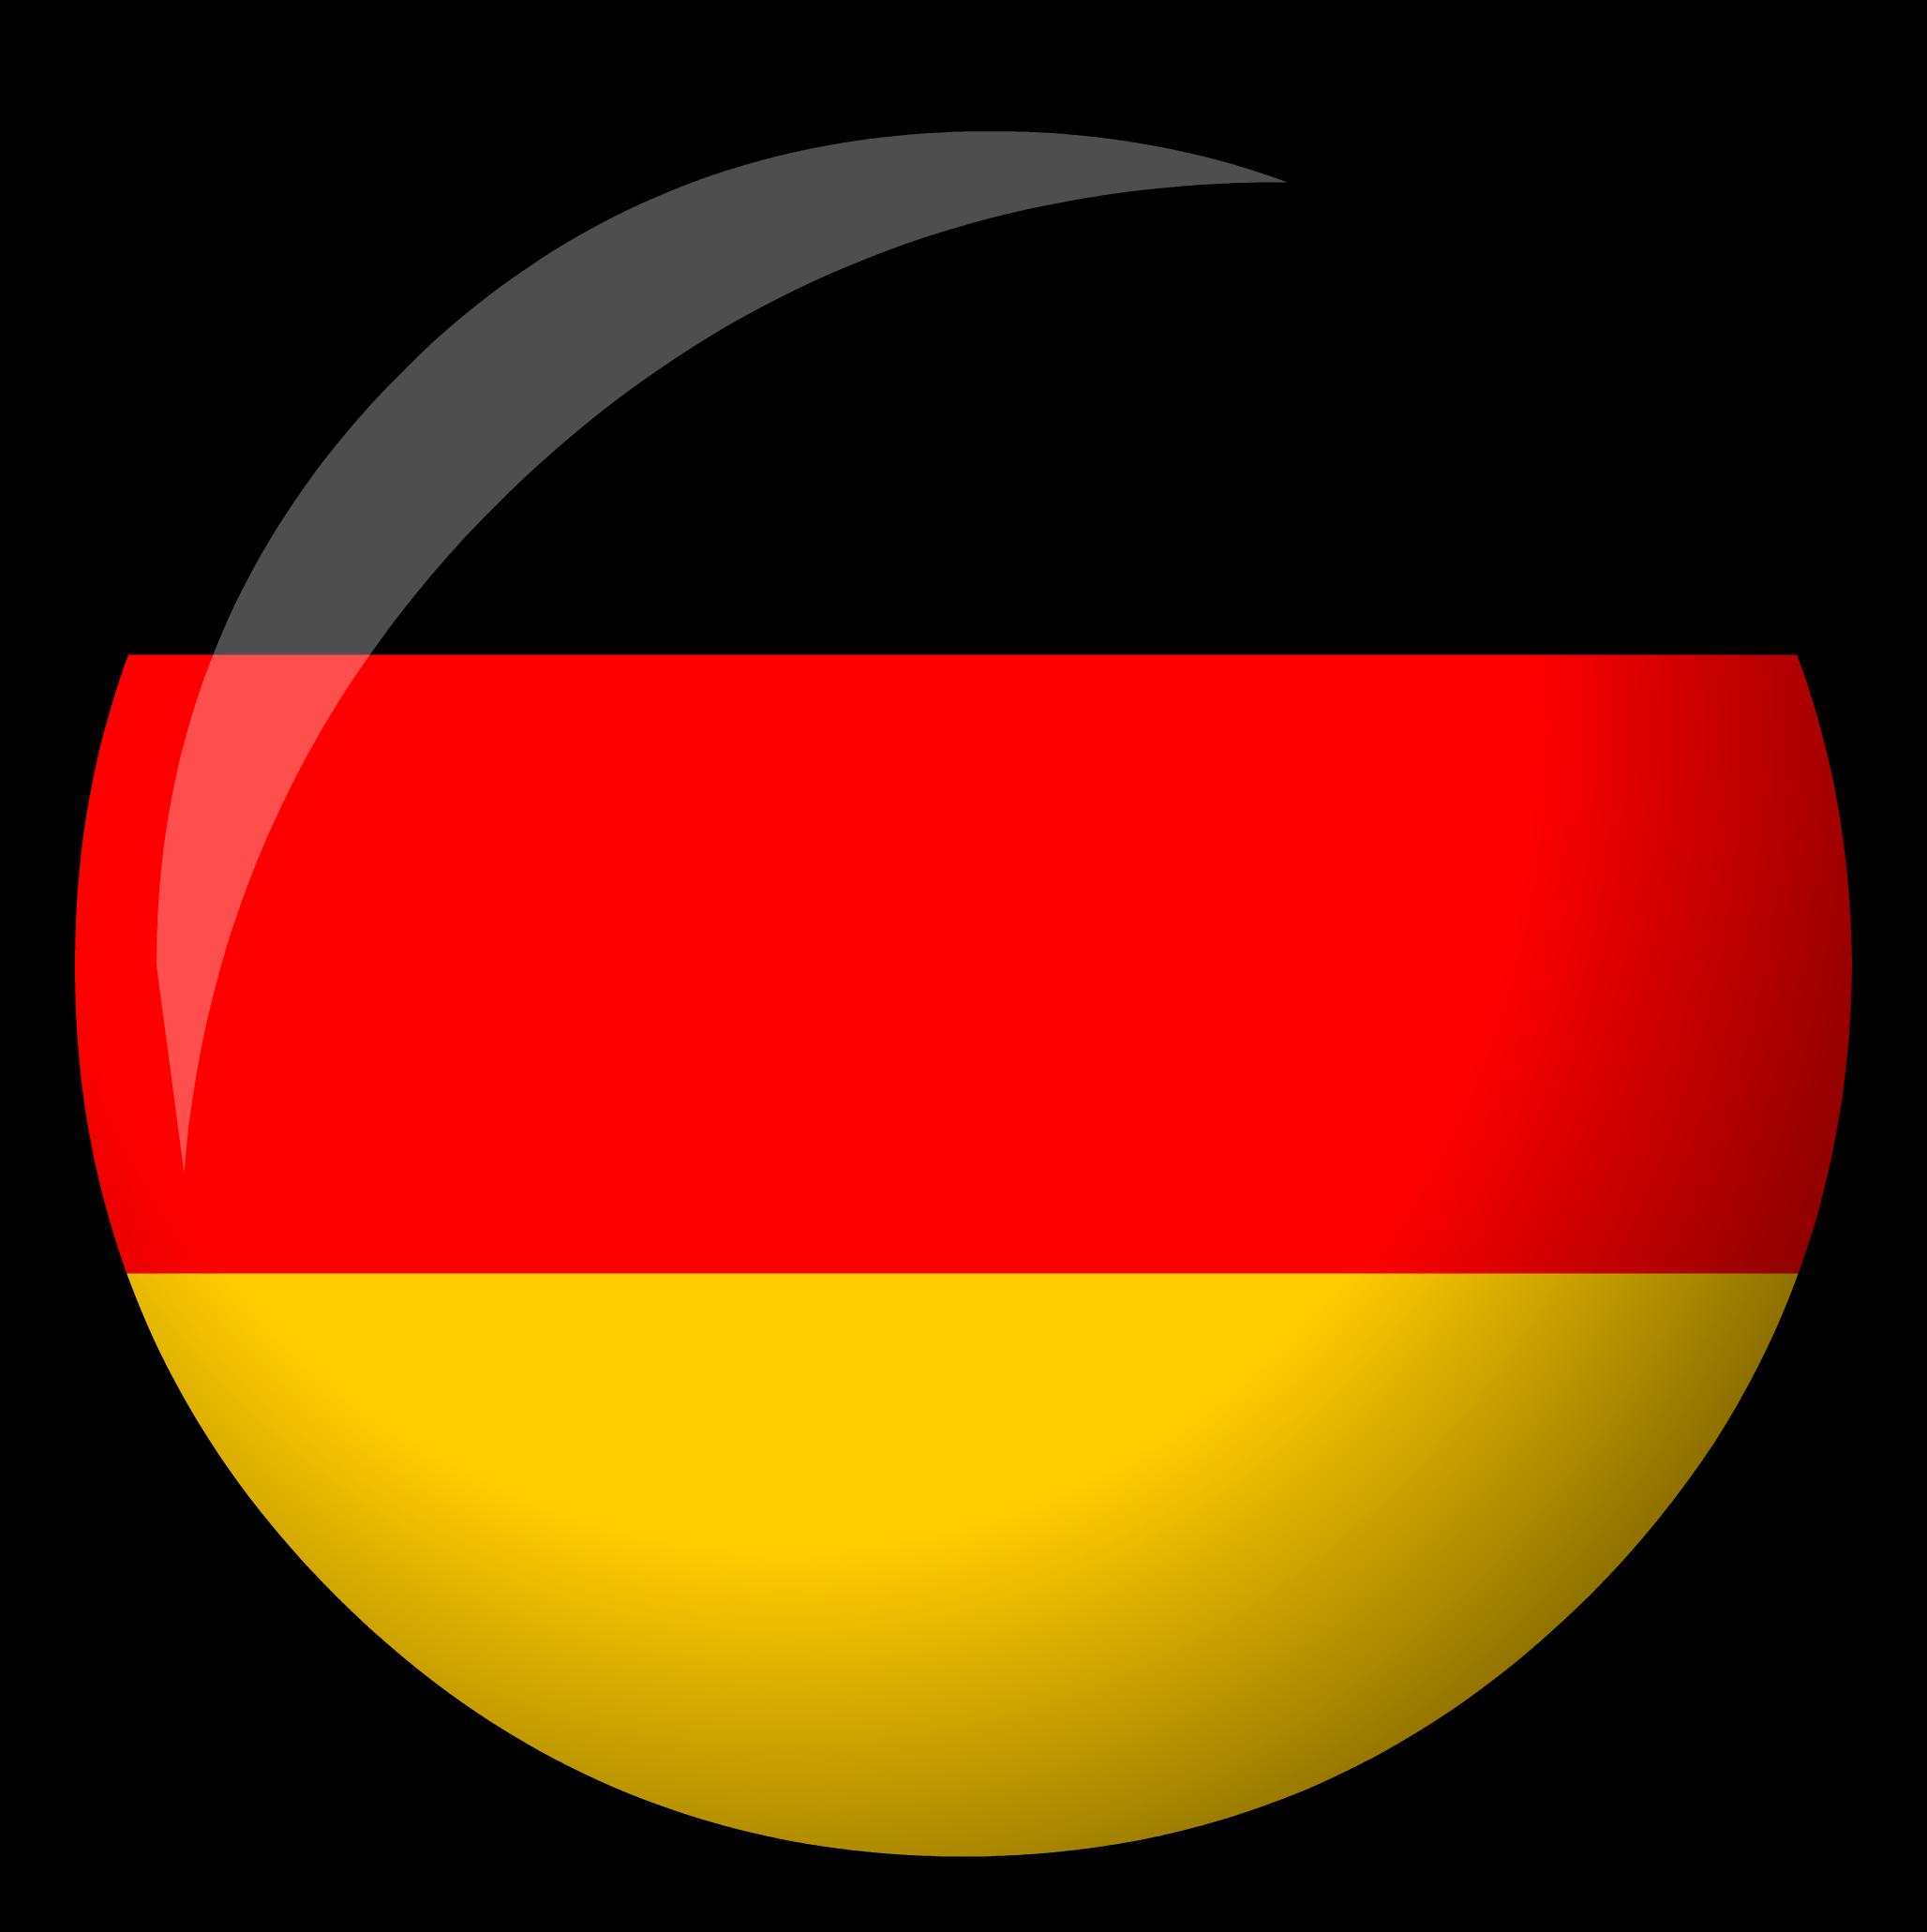 Резултат со слика за germany flag